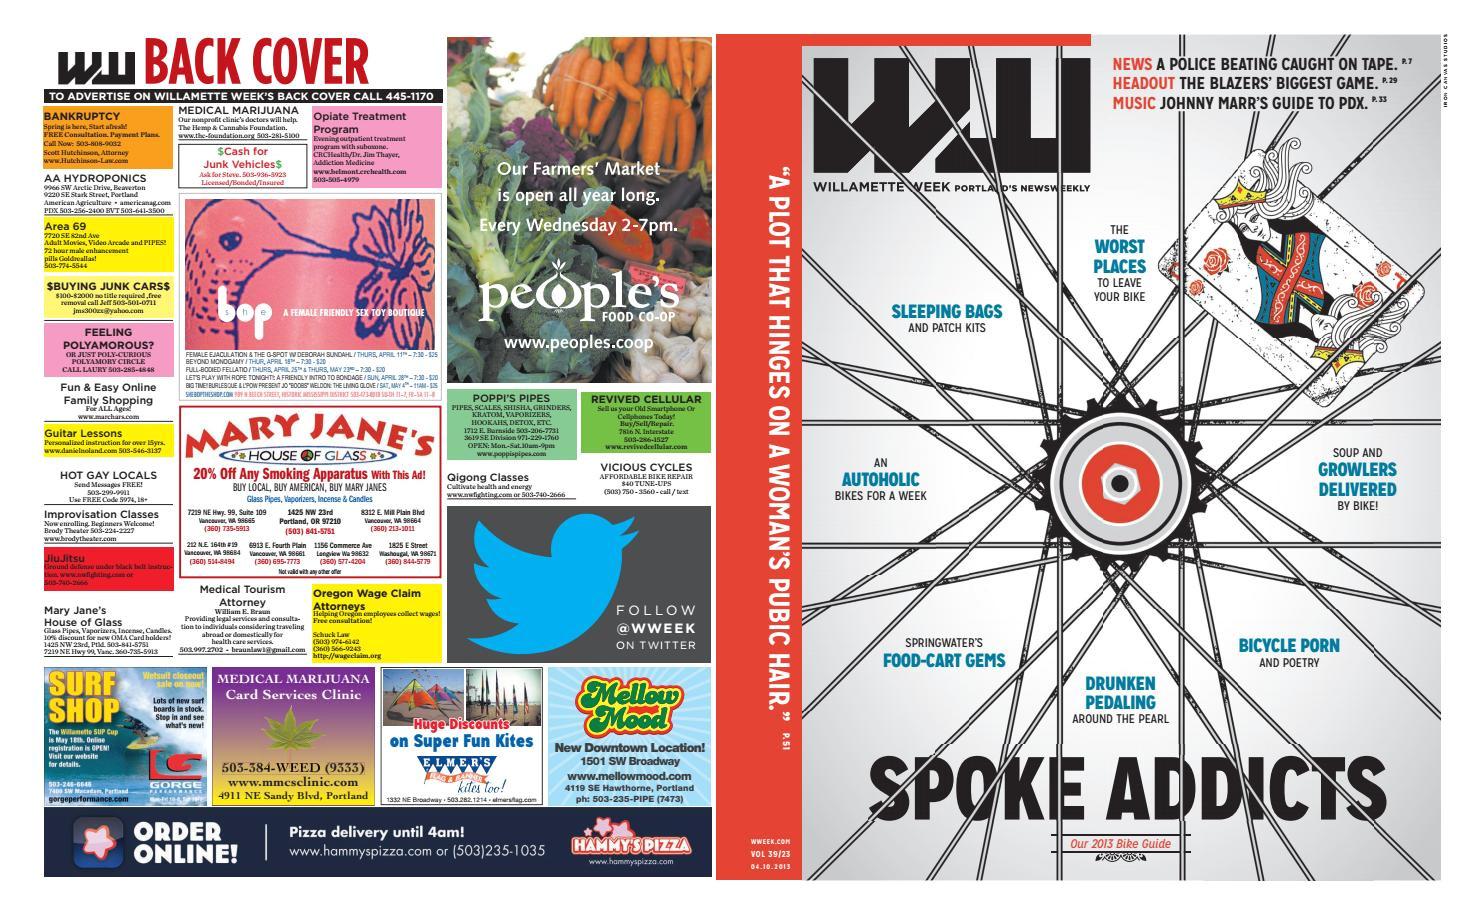 39 23 willamette week april 10 2013 by willamette week newspaper issuu